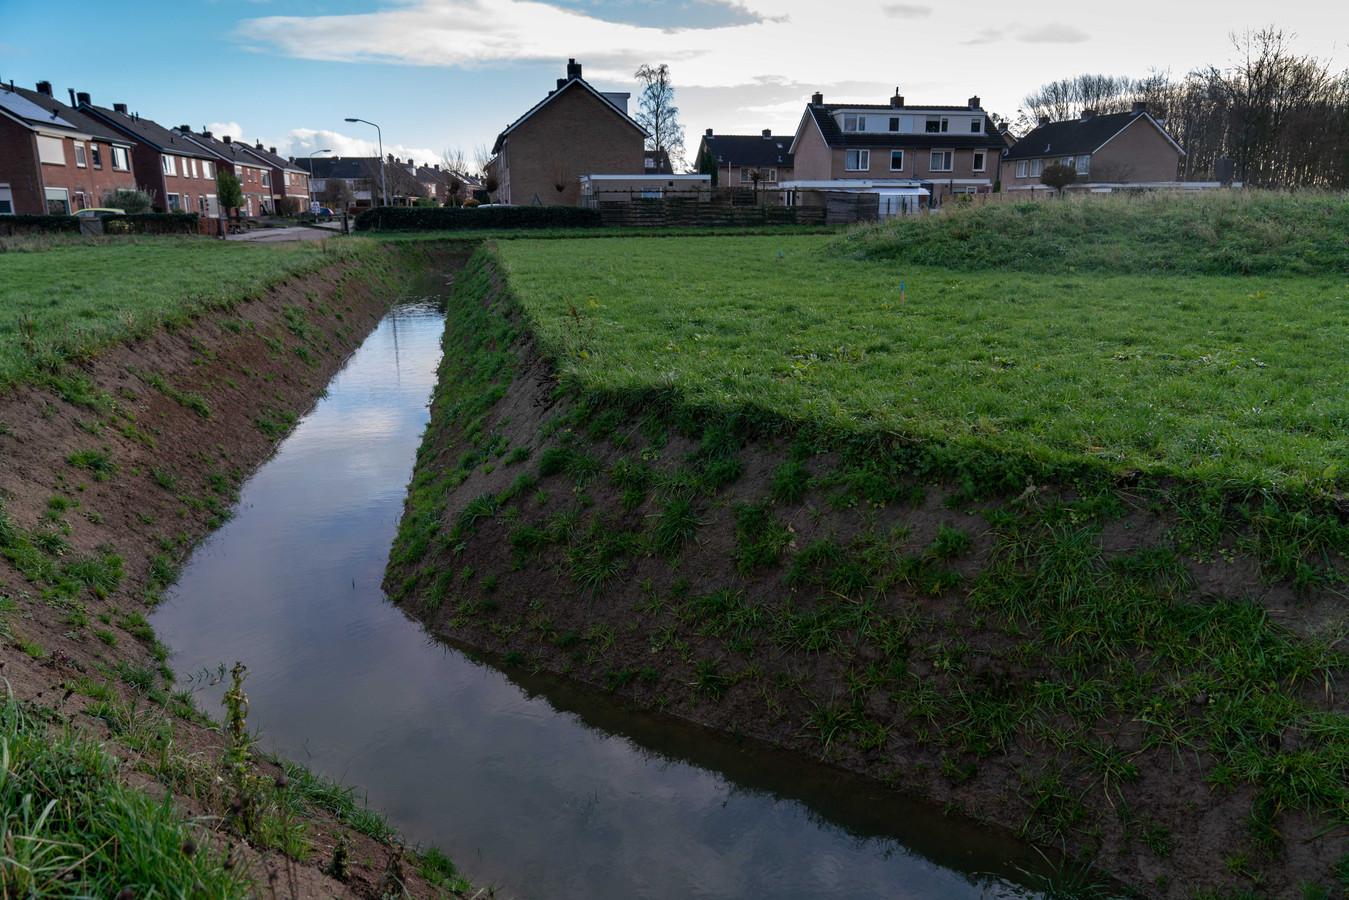 De begraafplaats komt op het terrein tussen de kop van de Burgemeester Lewe van Aduardstraat en het Zettense pad.